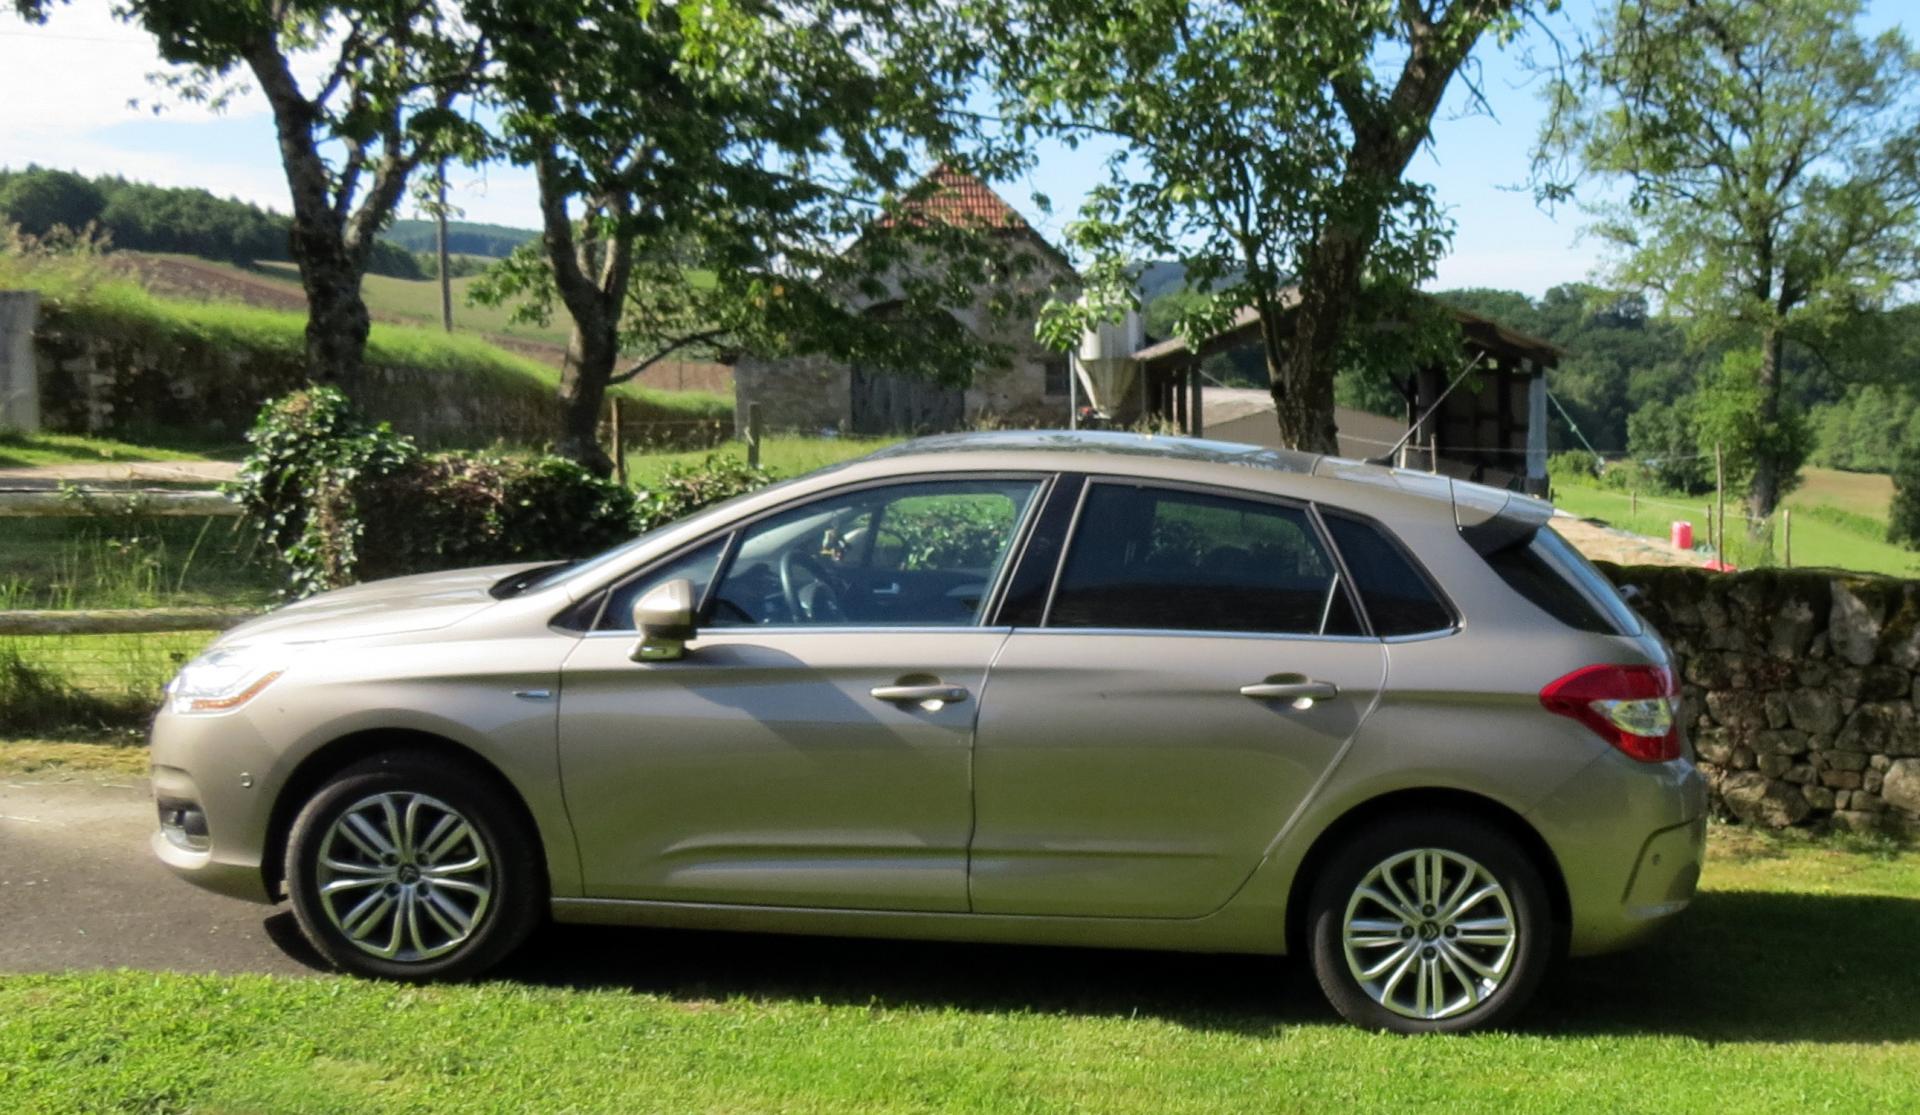 2014 Citroën C4 Exclusive